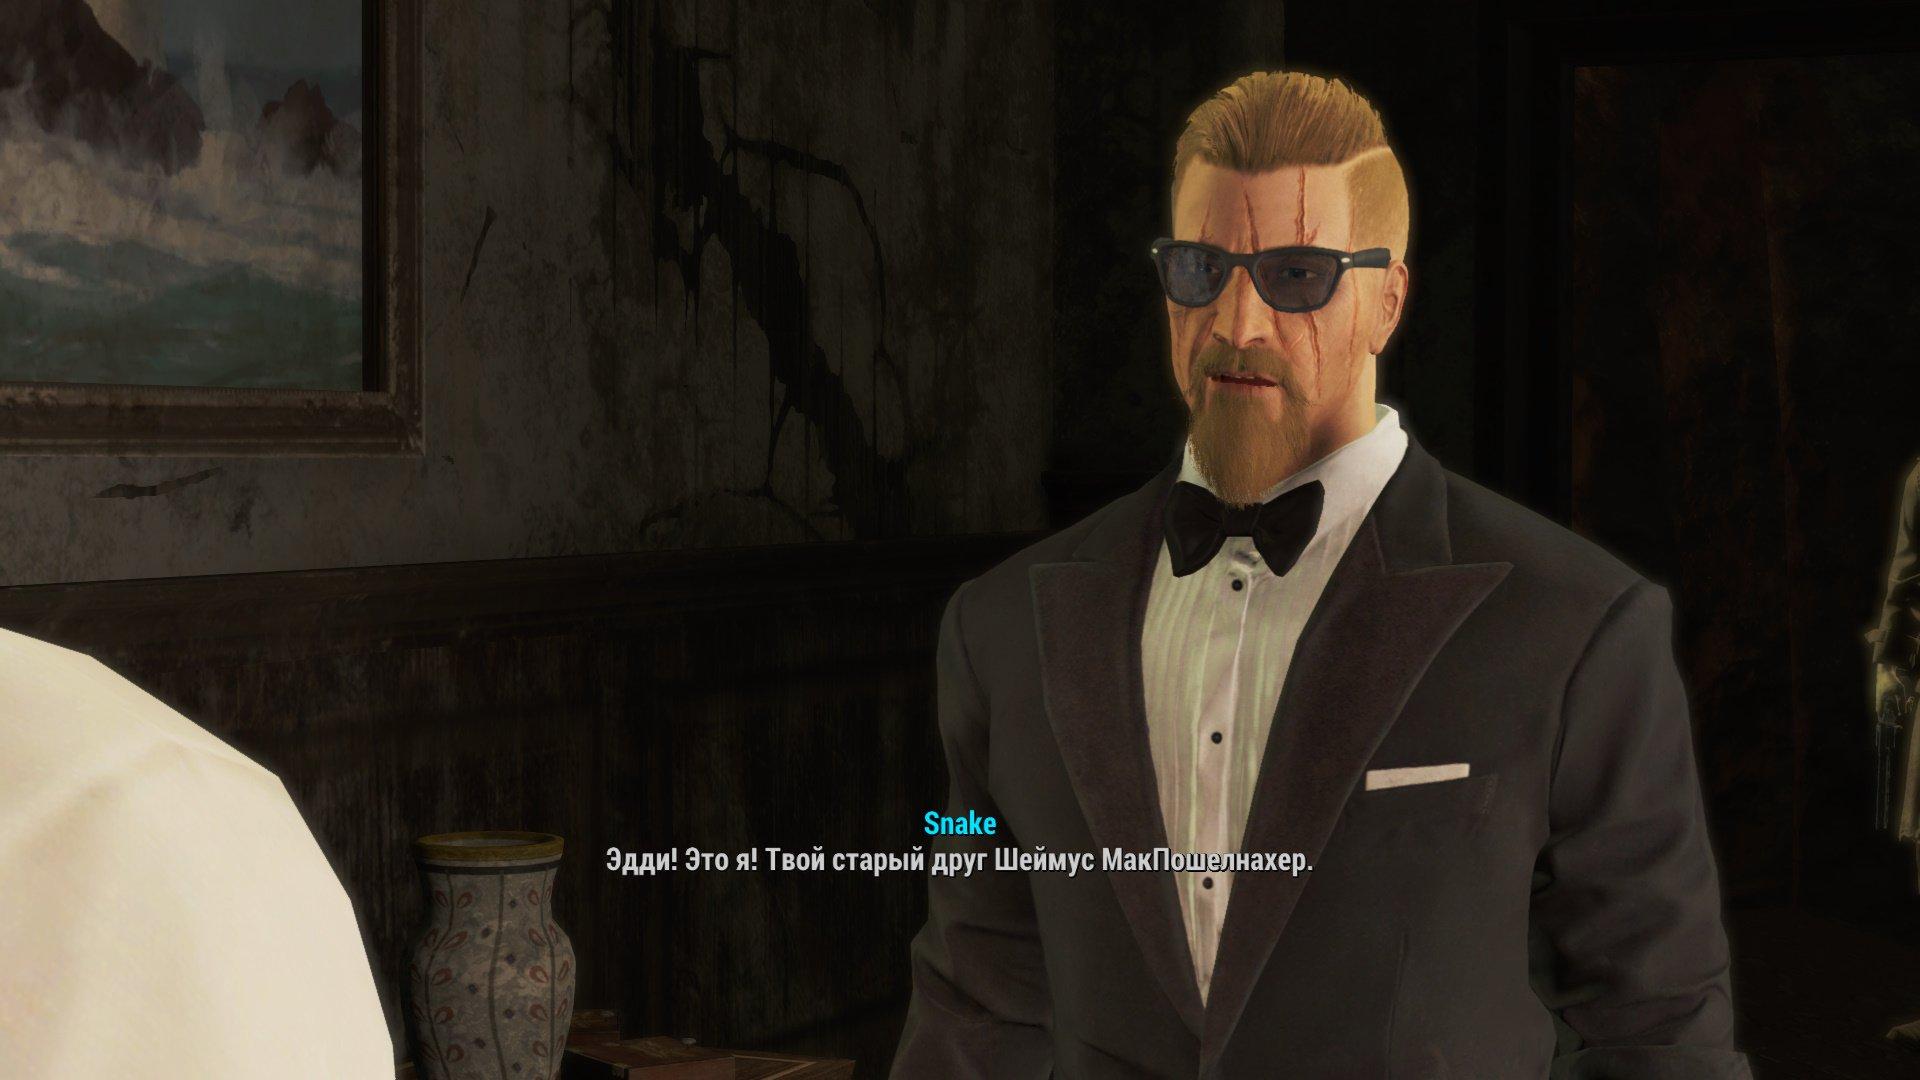 Сравнительный анализ (на самом деле нет) Fallout New Vegas vs. Fallout 4 (часть 1). - Изображение 7